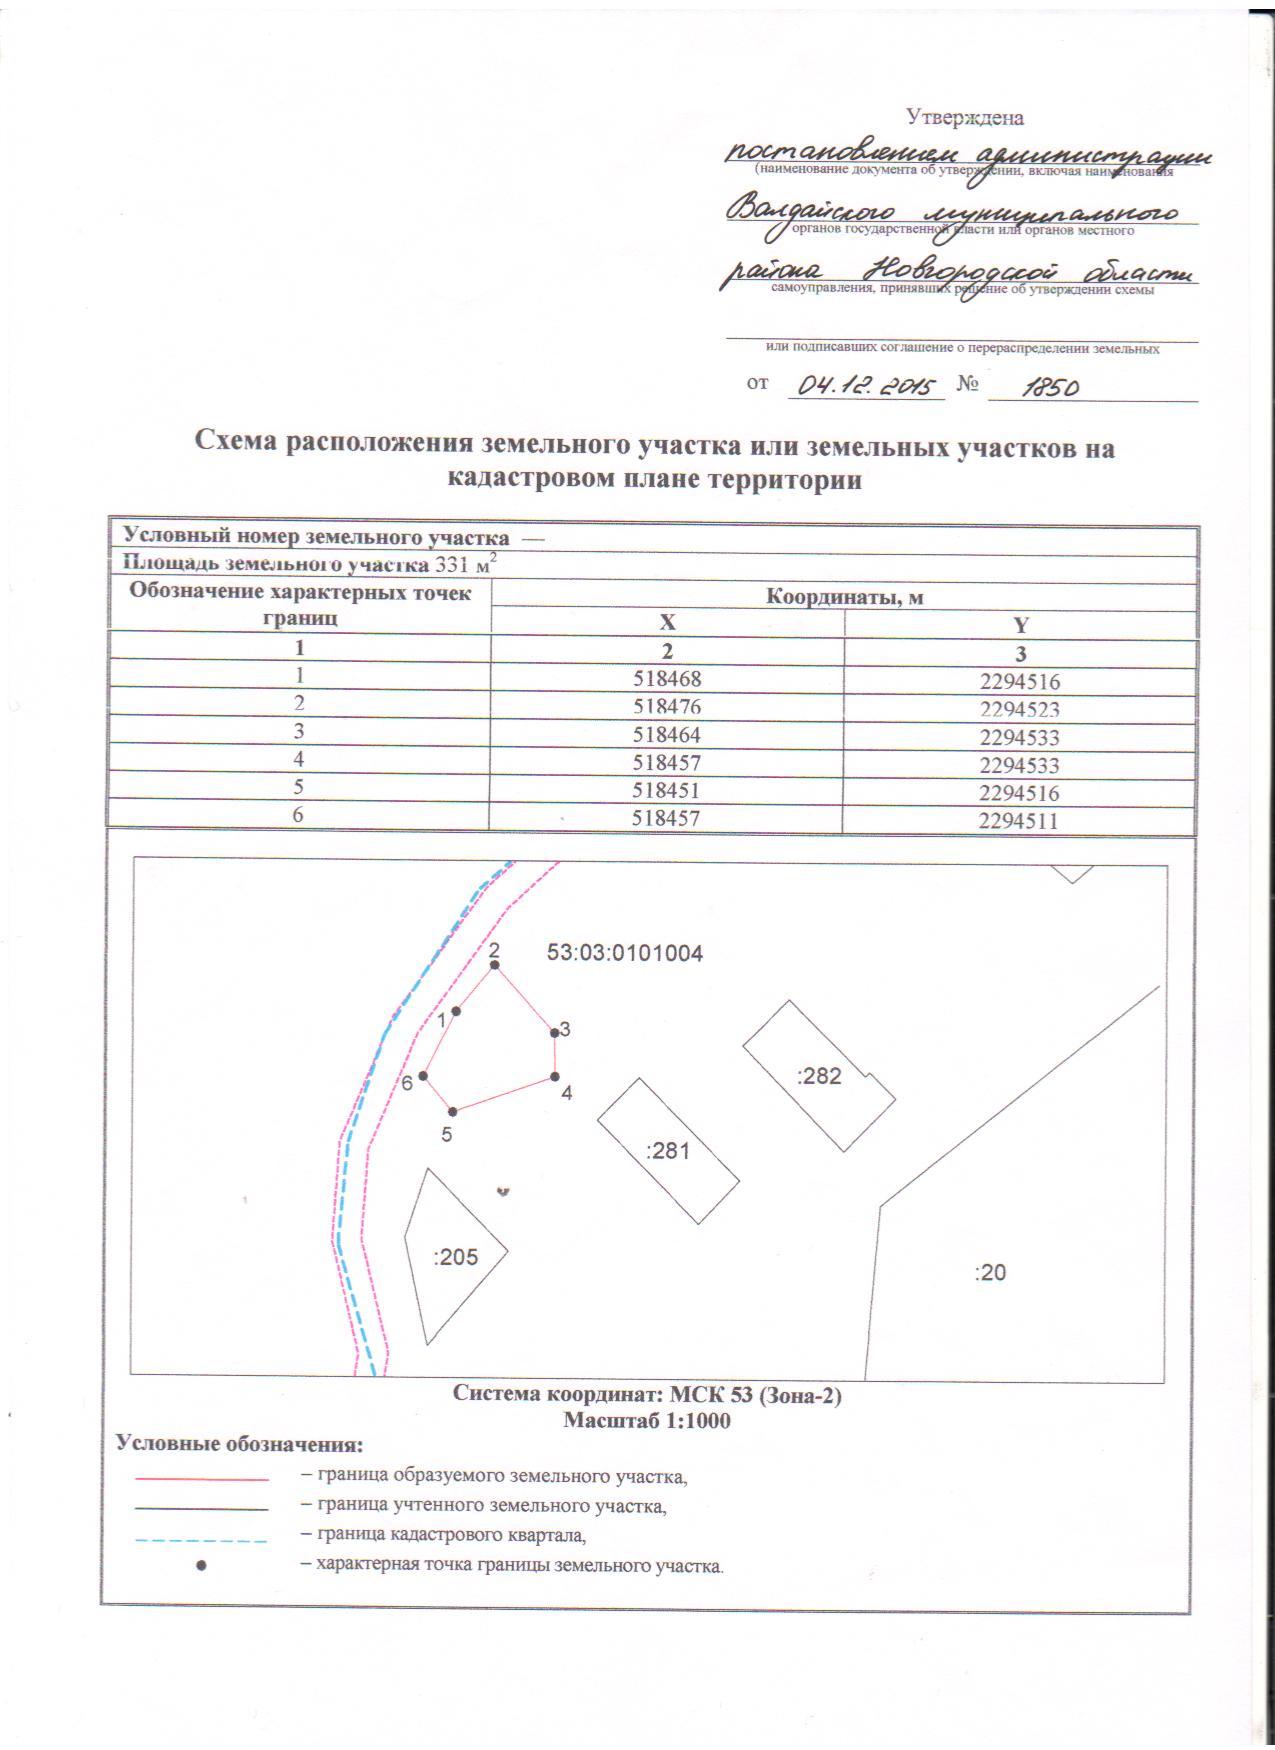 Заявление утвердить схему расположения земельного участка 58